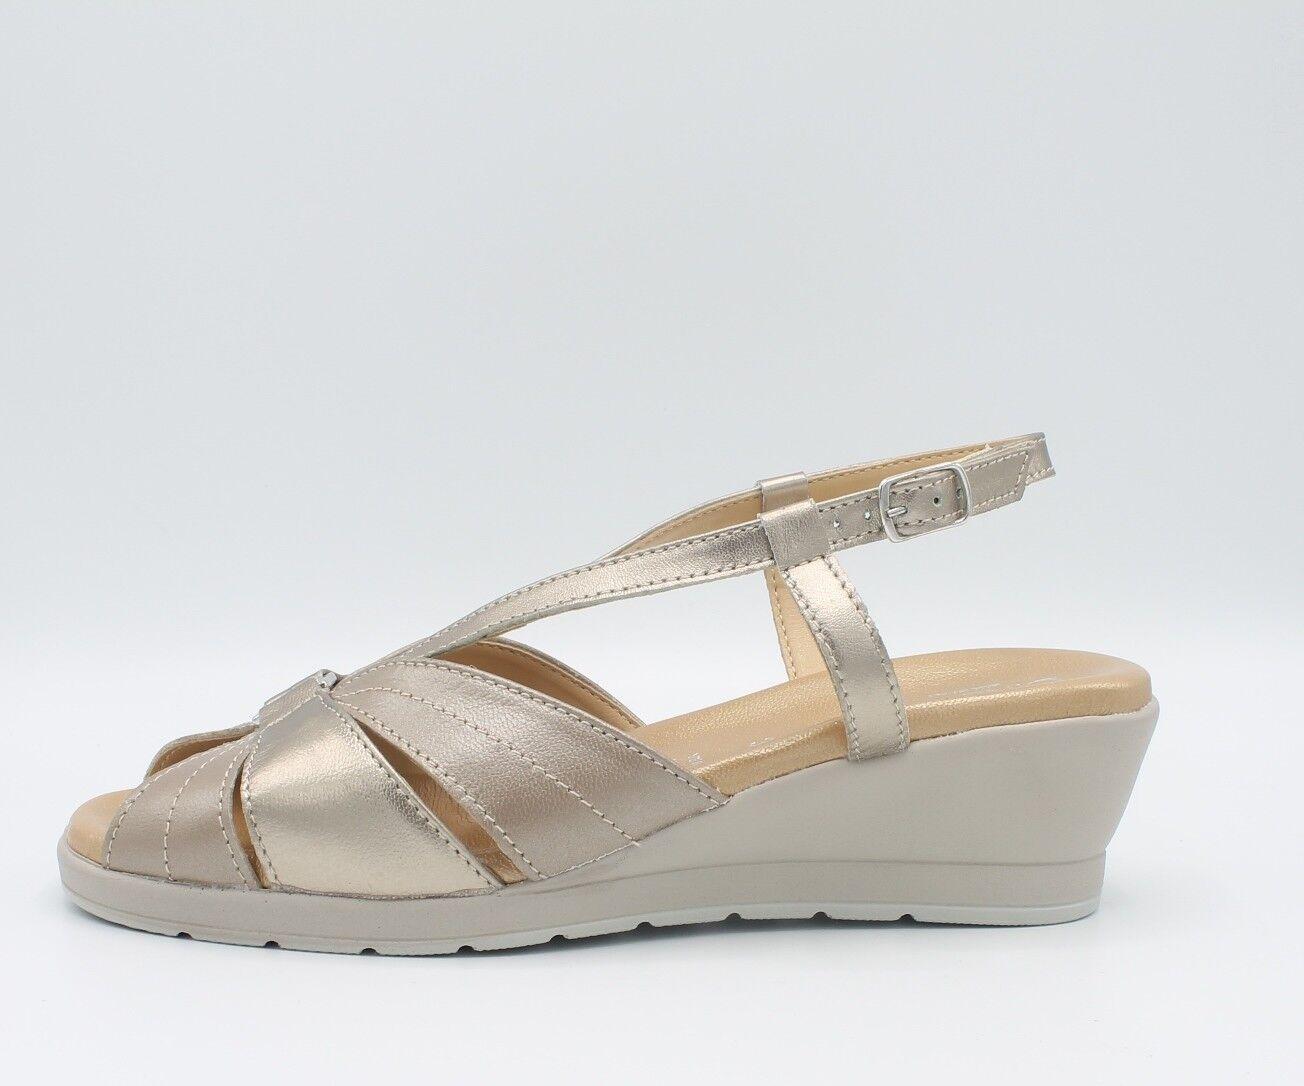 CINZIA SOFT Frauenschuhe Sandalen linea komfortabel IO803 IO803 IO803 aus Leder Laminat Gold  | Toy Story  | Überlegen  | Förderung  89def4